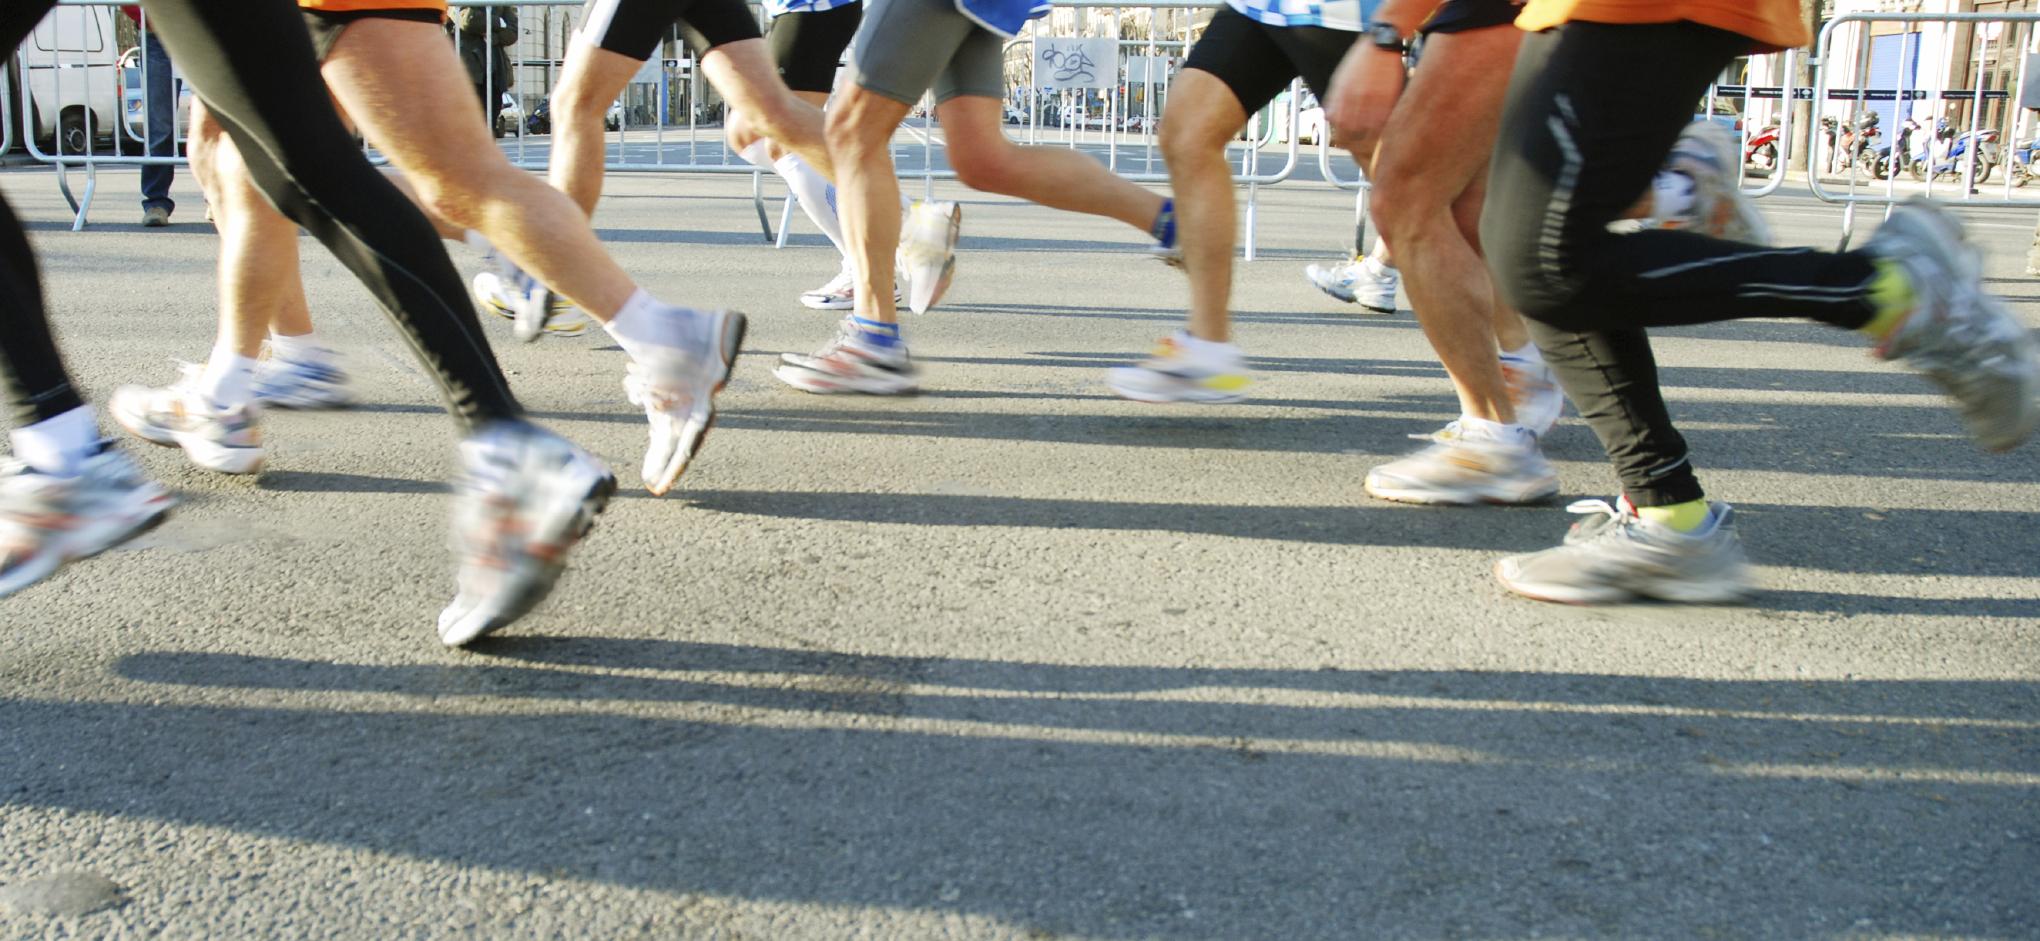 runners legs.jpg